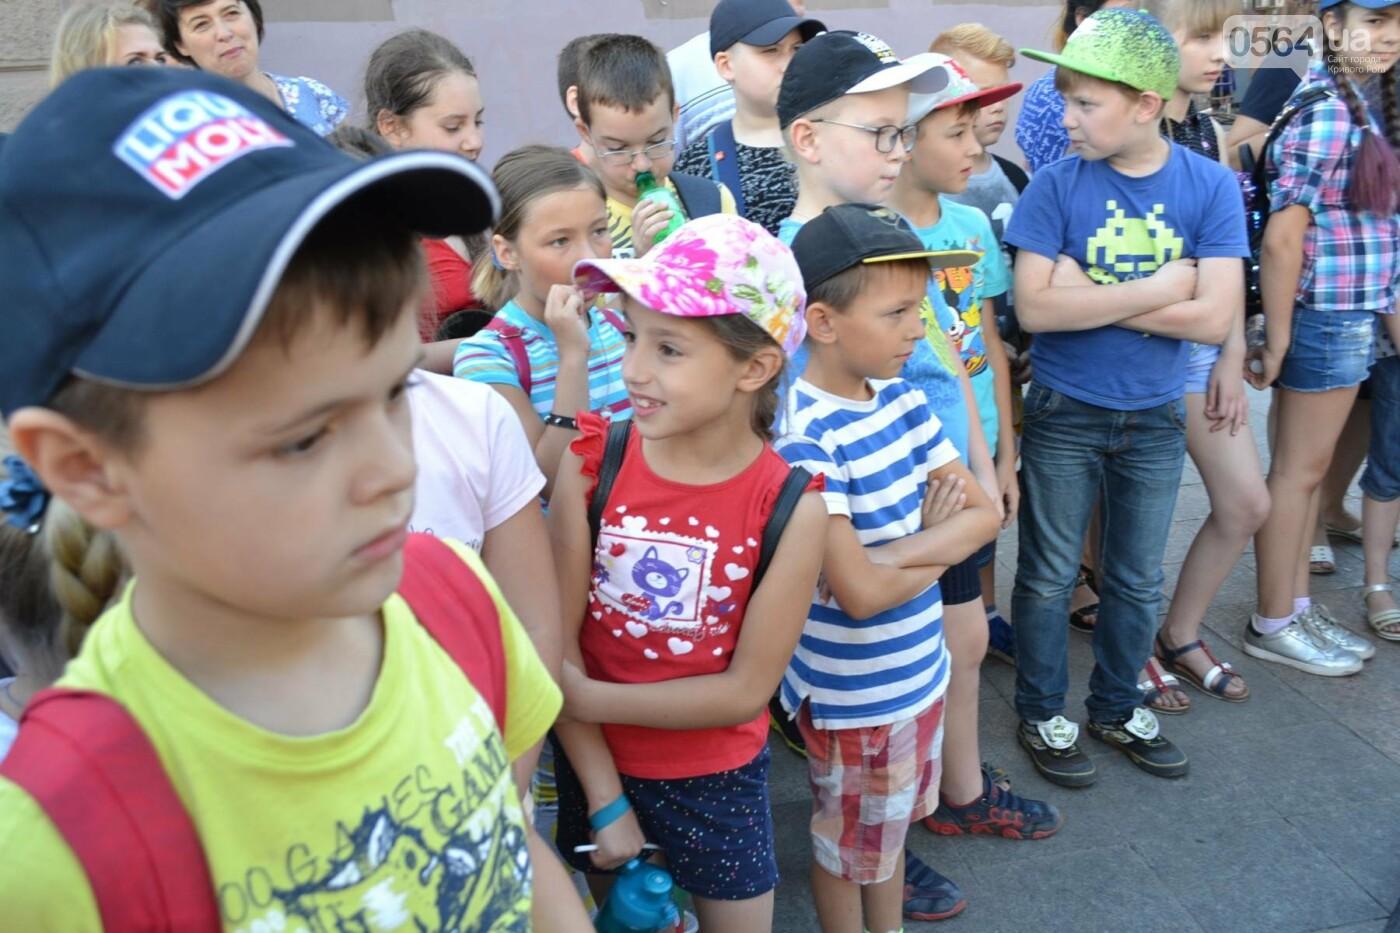 Патрульная полиция Кривого Рога отметила свой День рождения с детворой,- ФОТО, фото-3